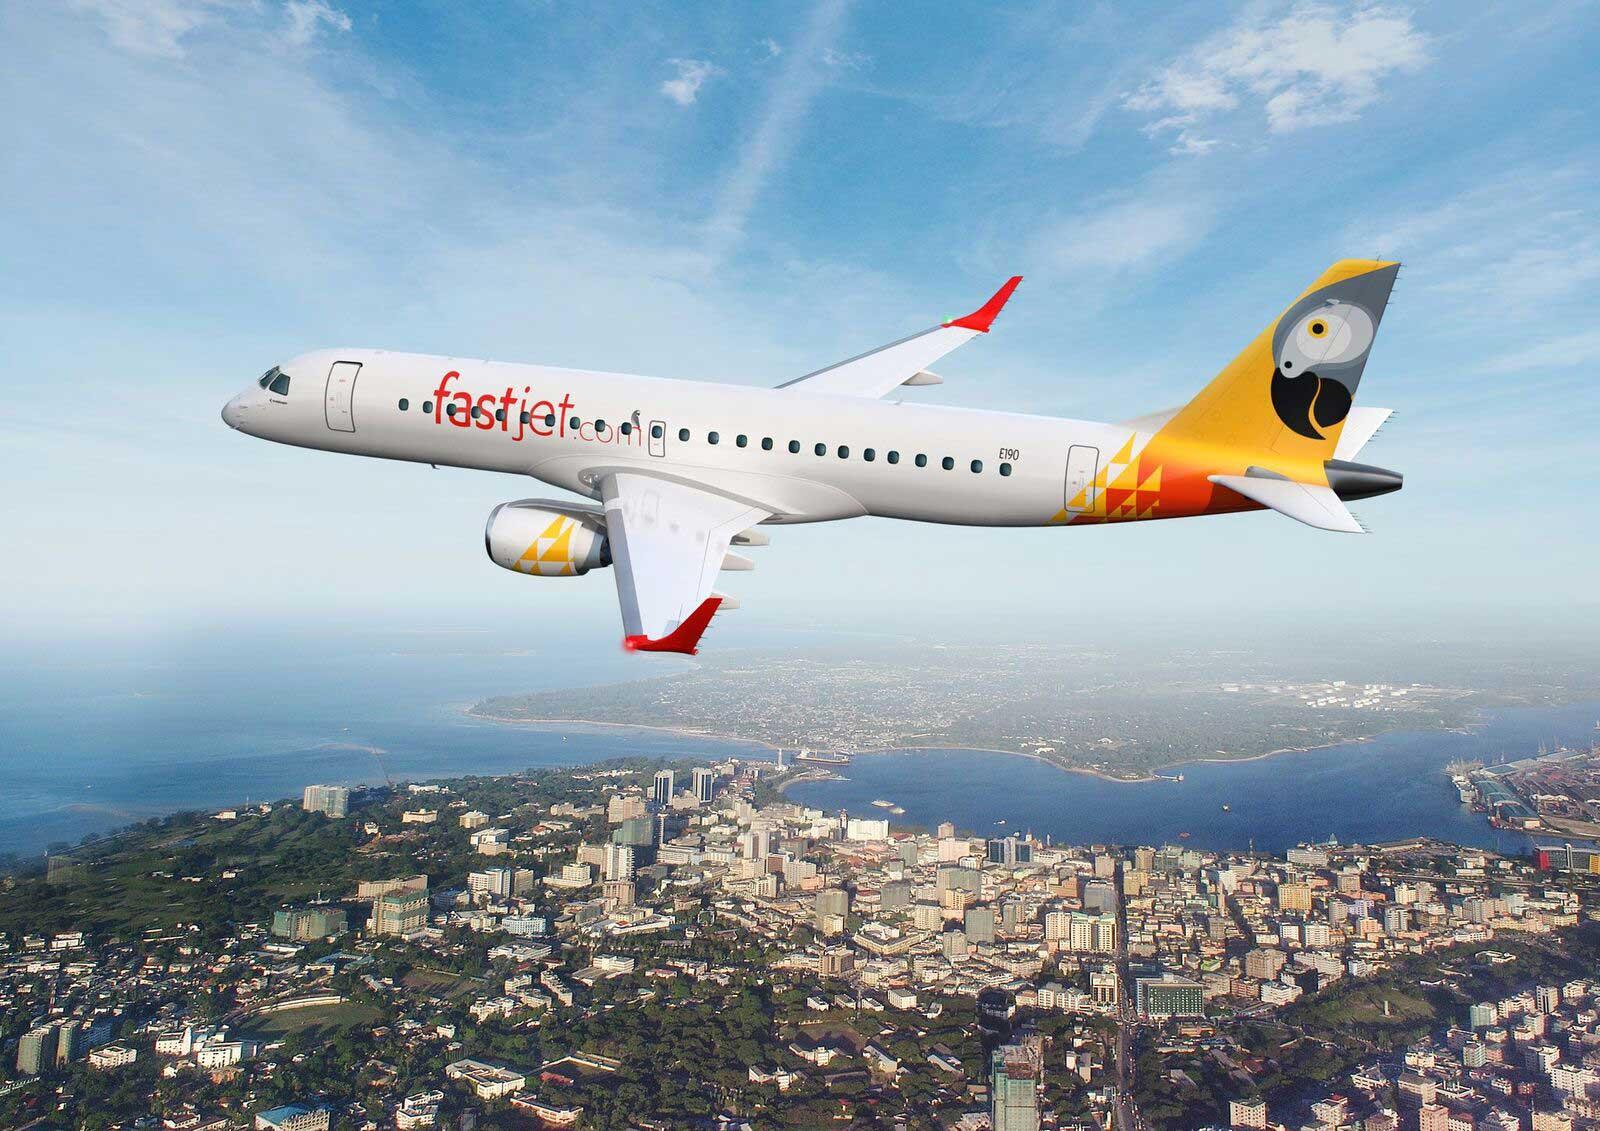 Resultado de imagen para Fastjet moçambique